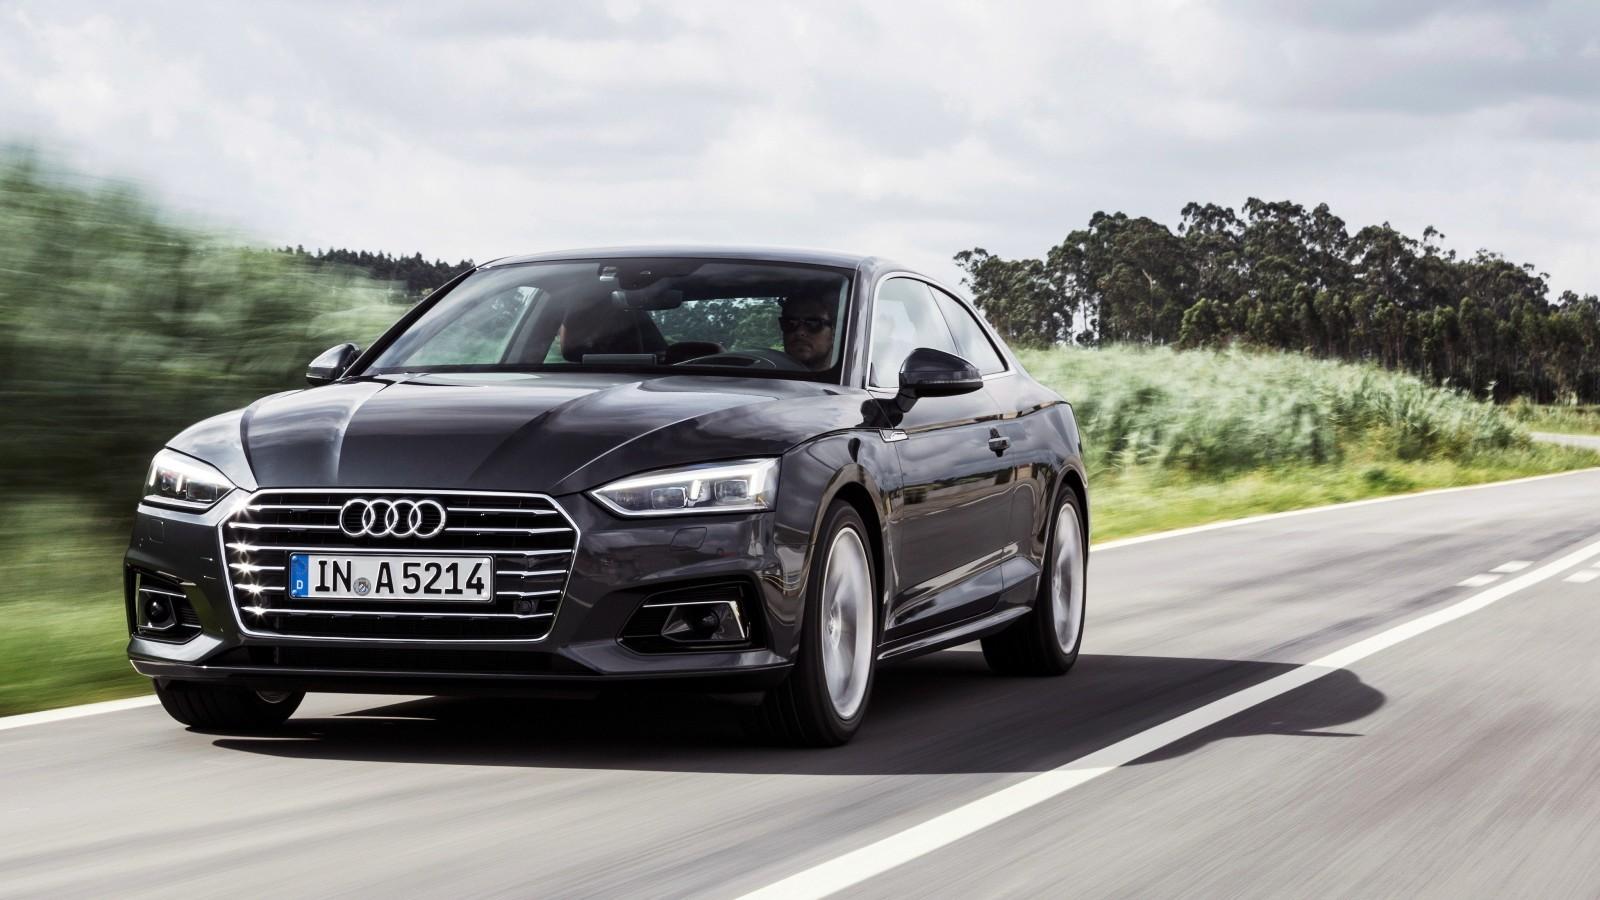 На фото: Audi A5 Coupé